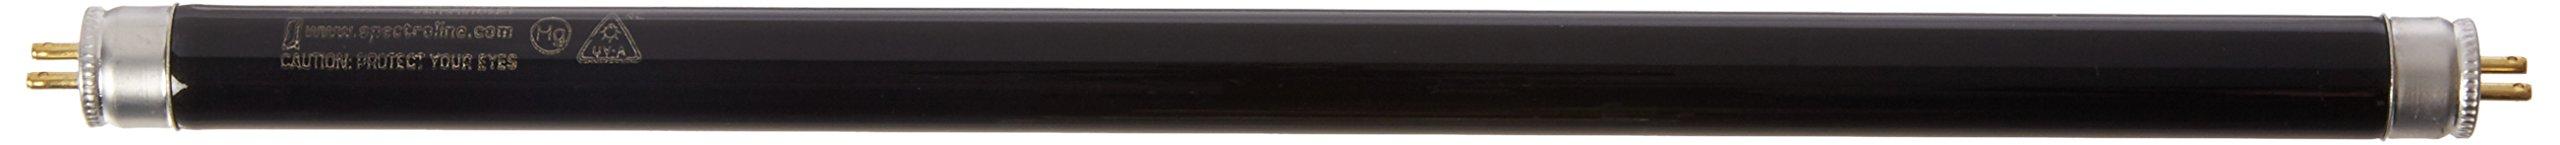 Spectronics BLE-760B Tube, 365nm, 8 Watt BLB